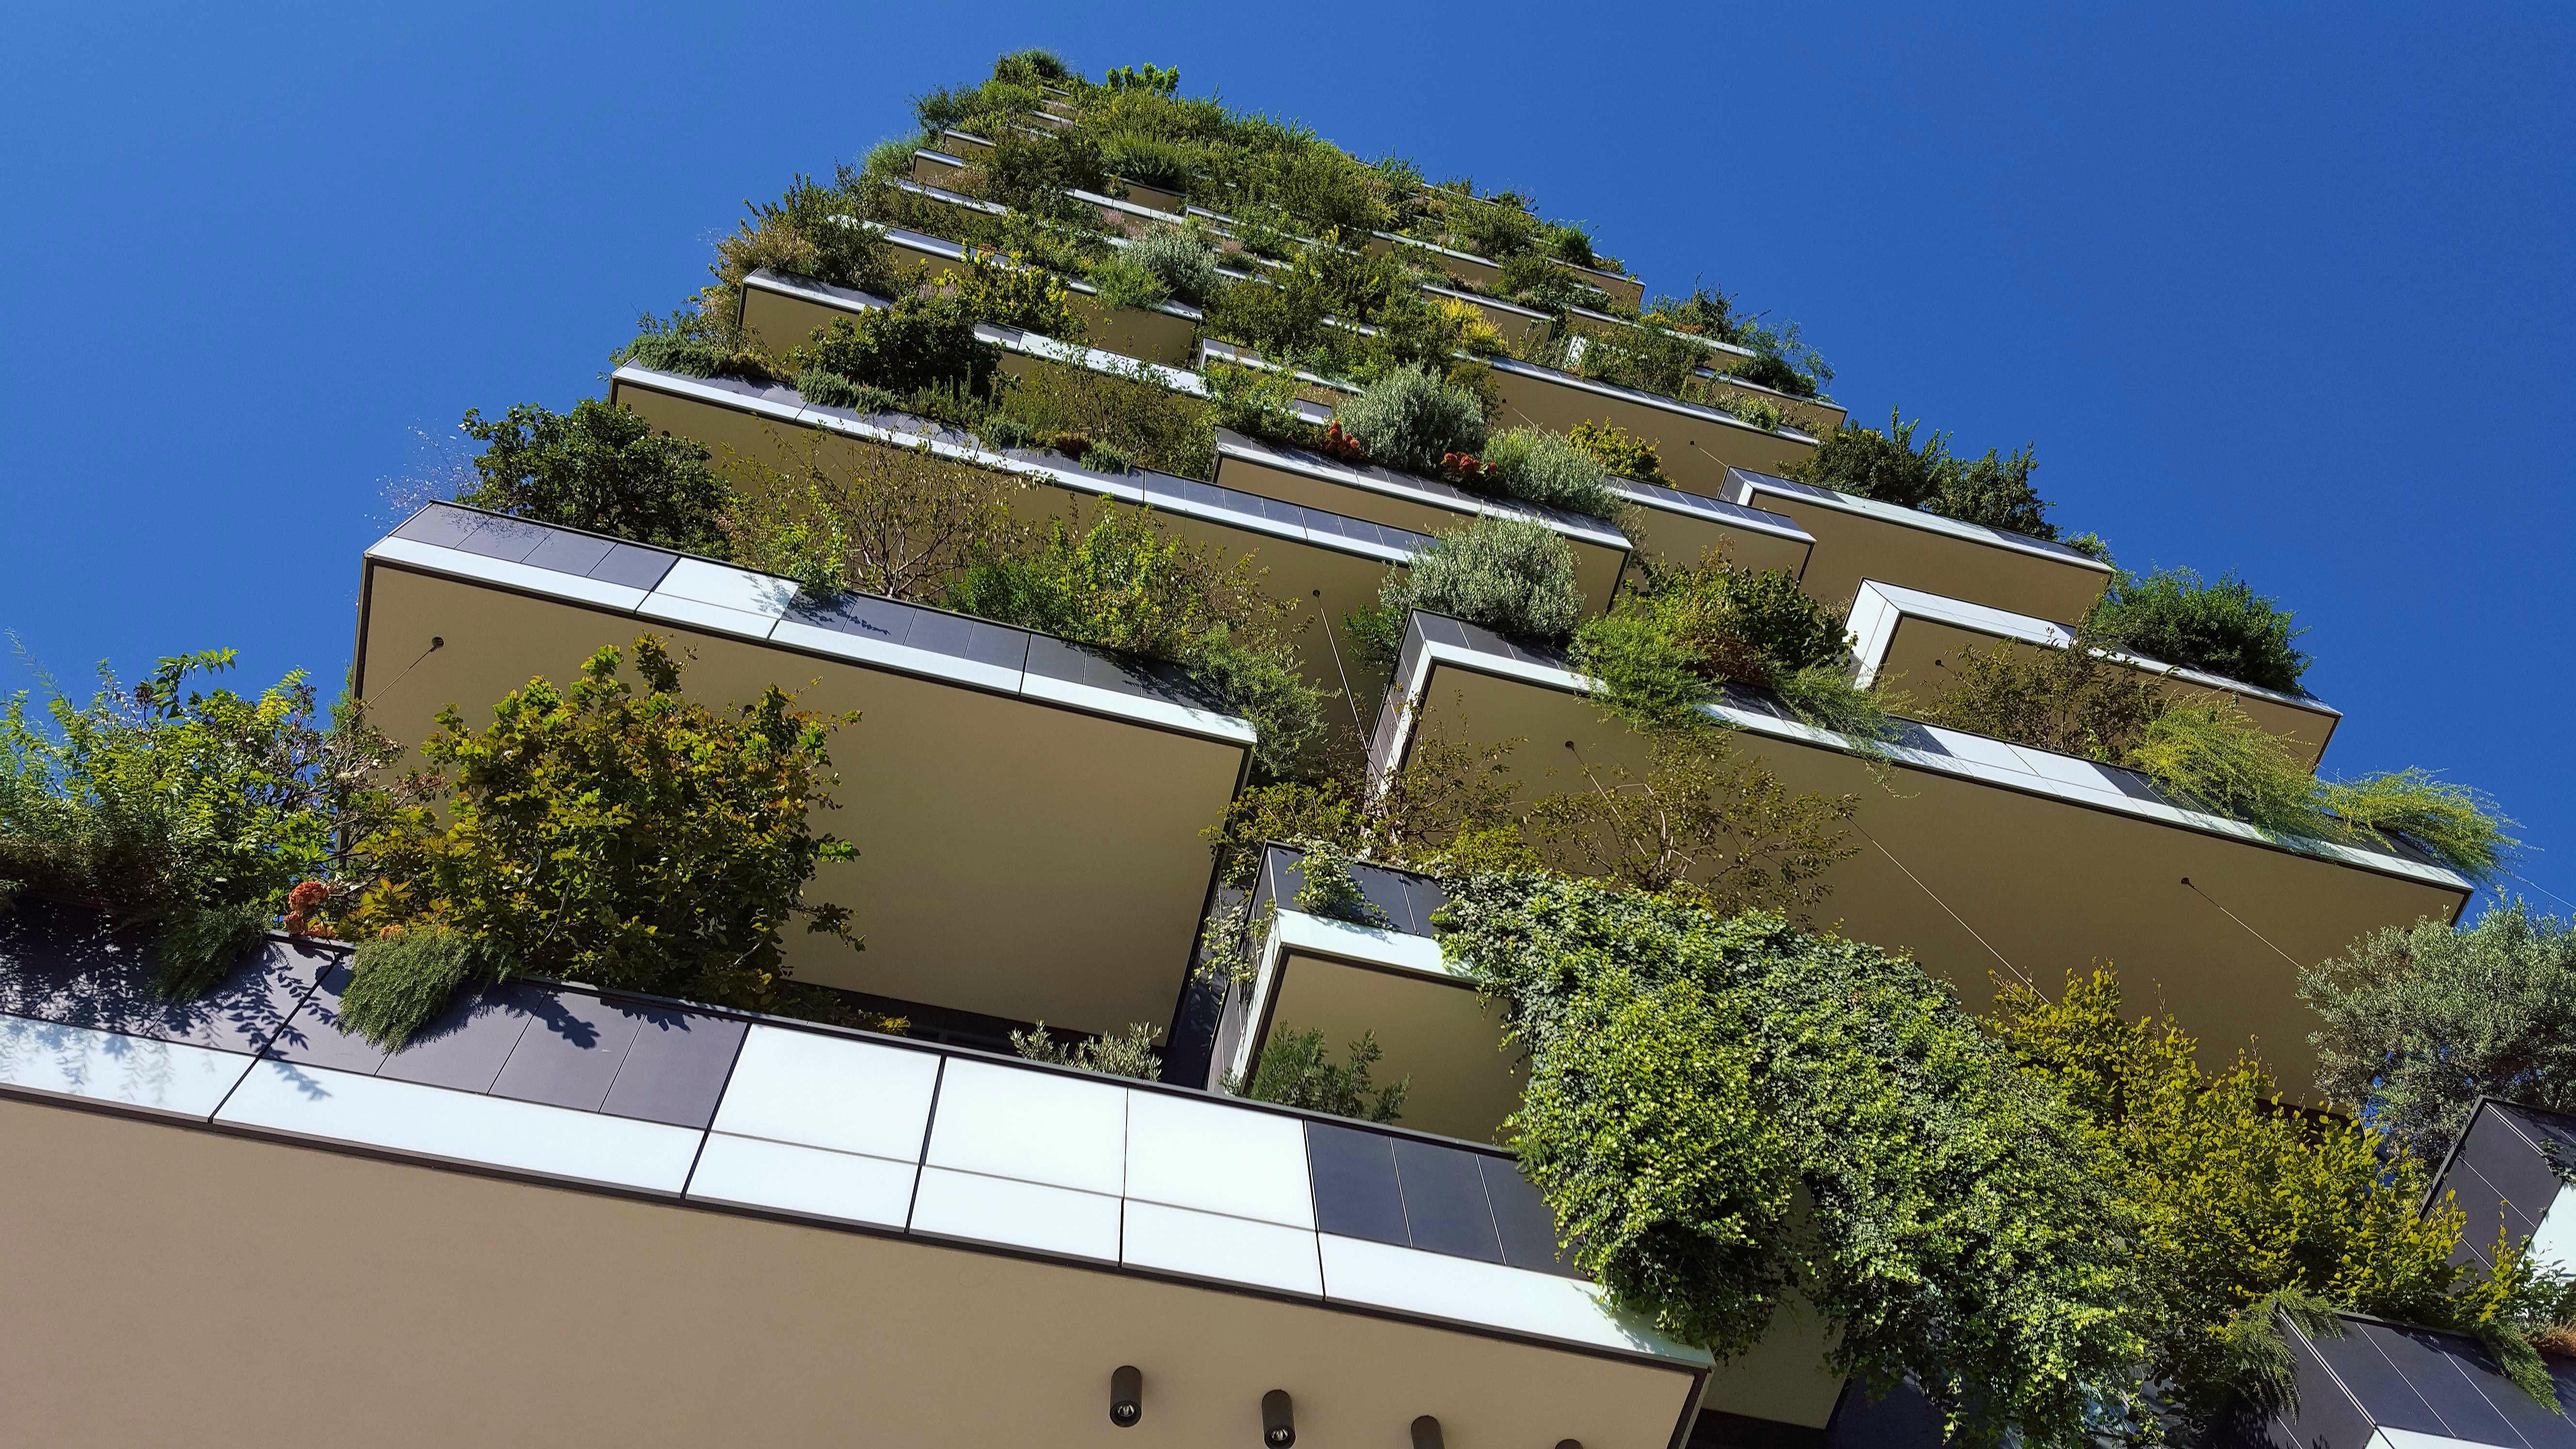 Met groene woontorens kunnen stad en natuur goed samengaan